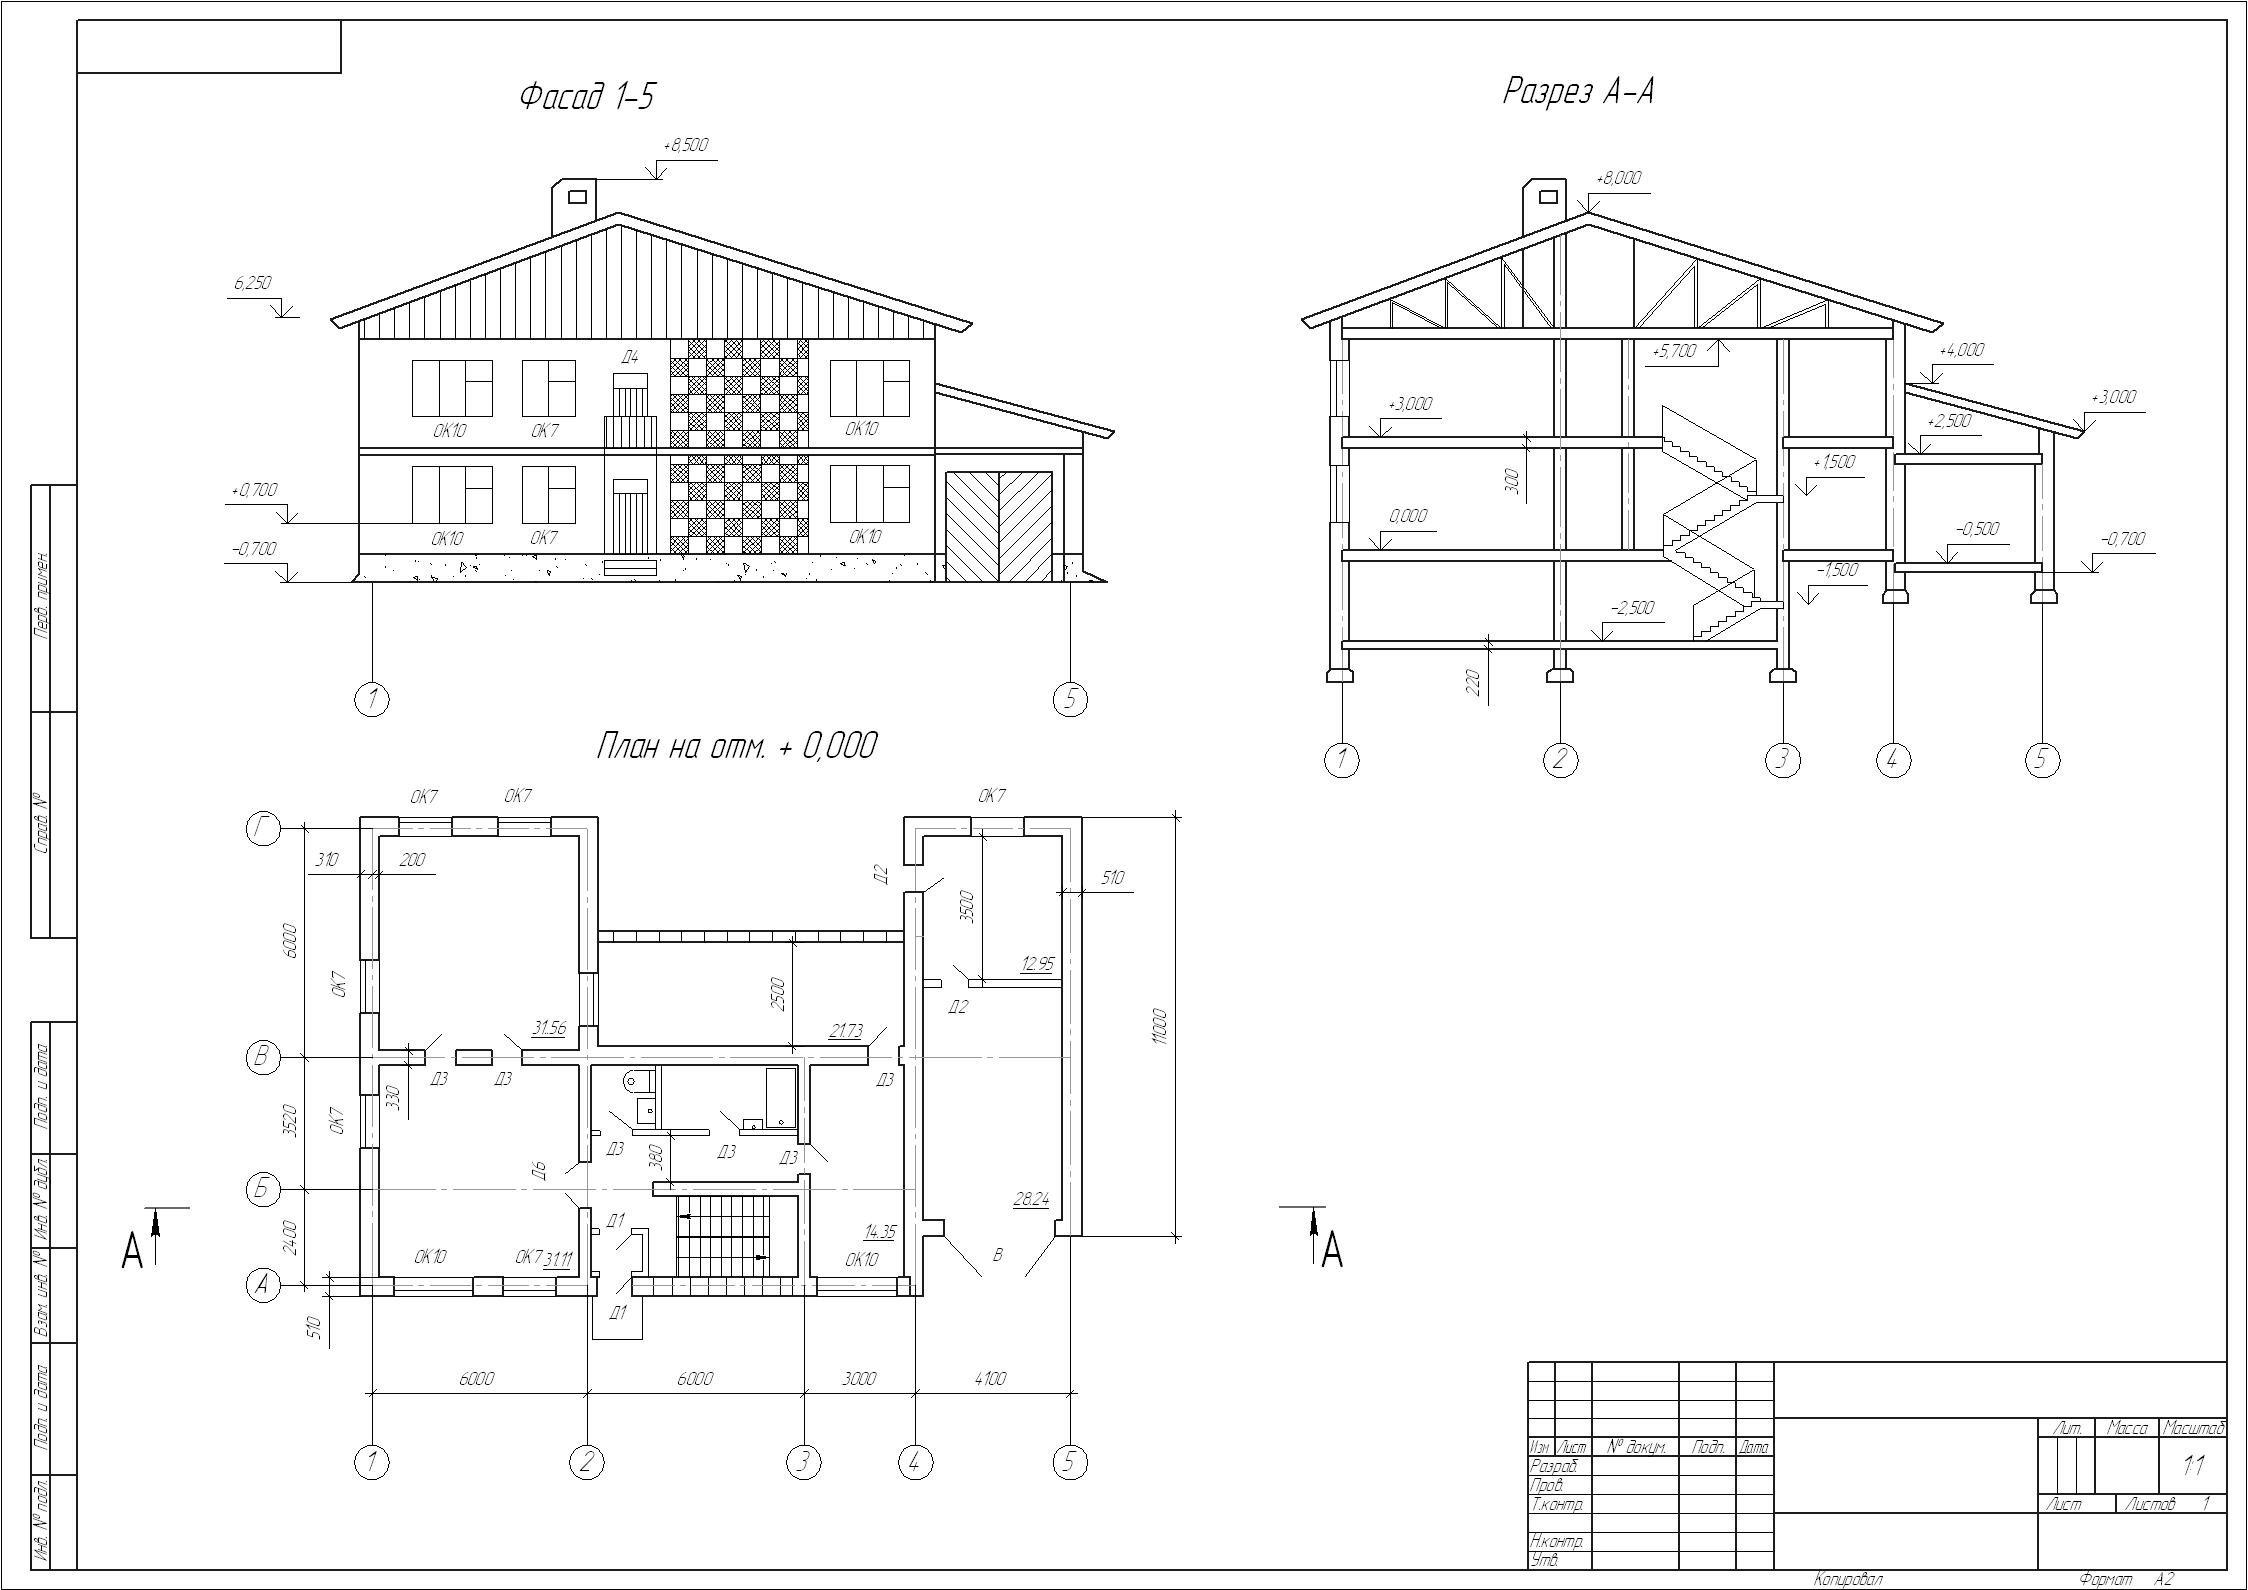 размеры домов на чертежах в картинках модели летающим эффектом